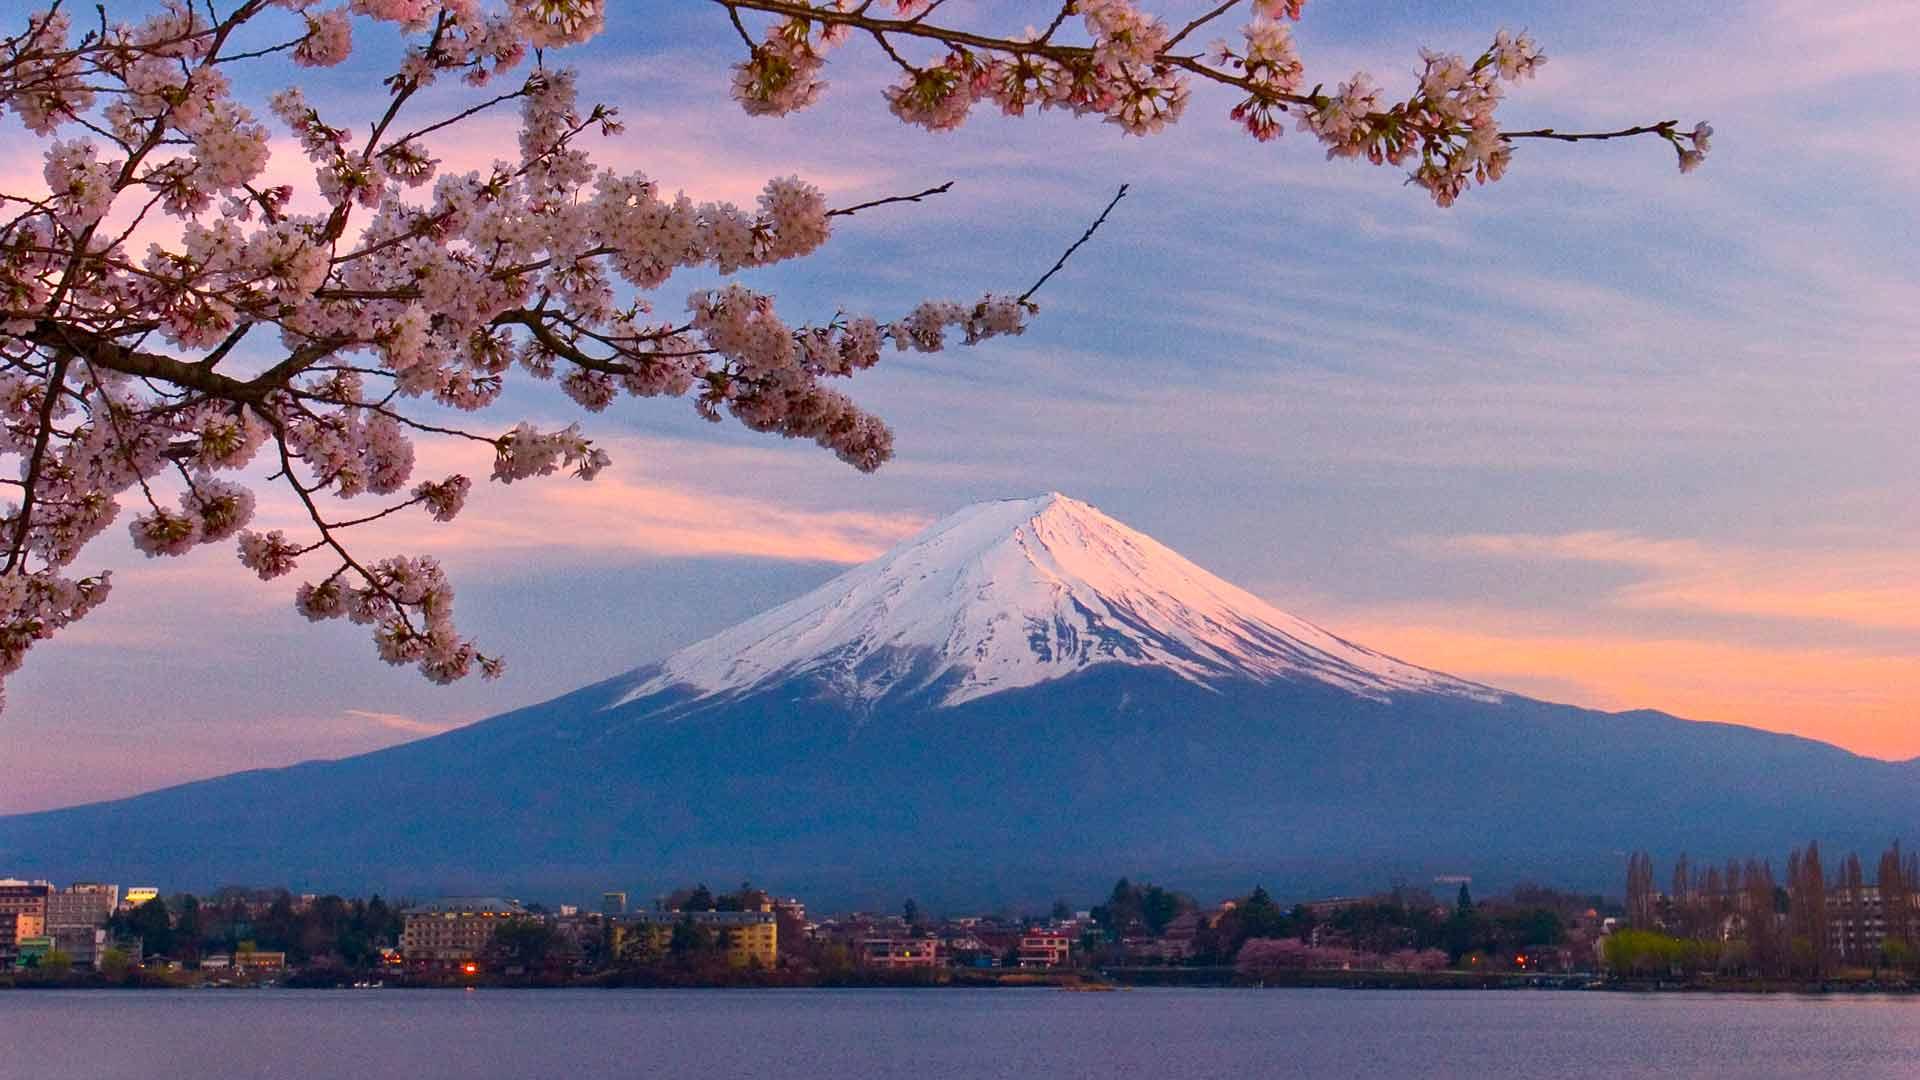 Japans Mount Fuji scenery wallpaper Desktop Background Scenery 1920x1080